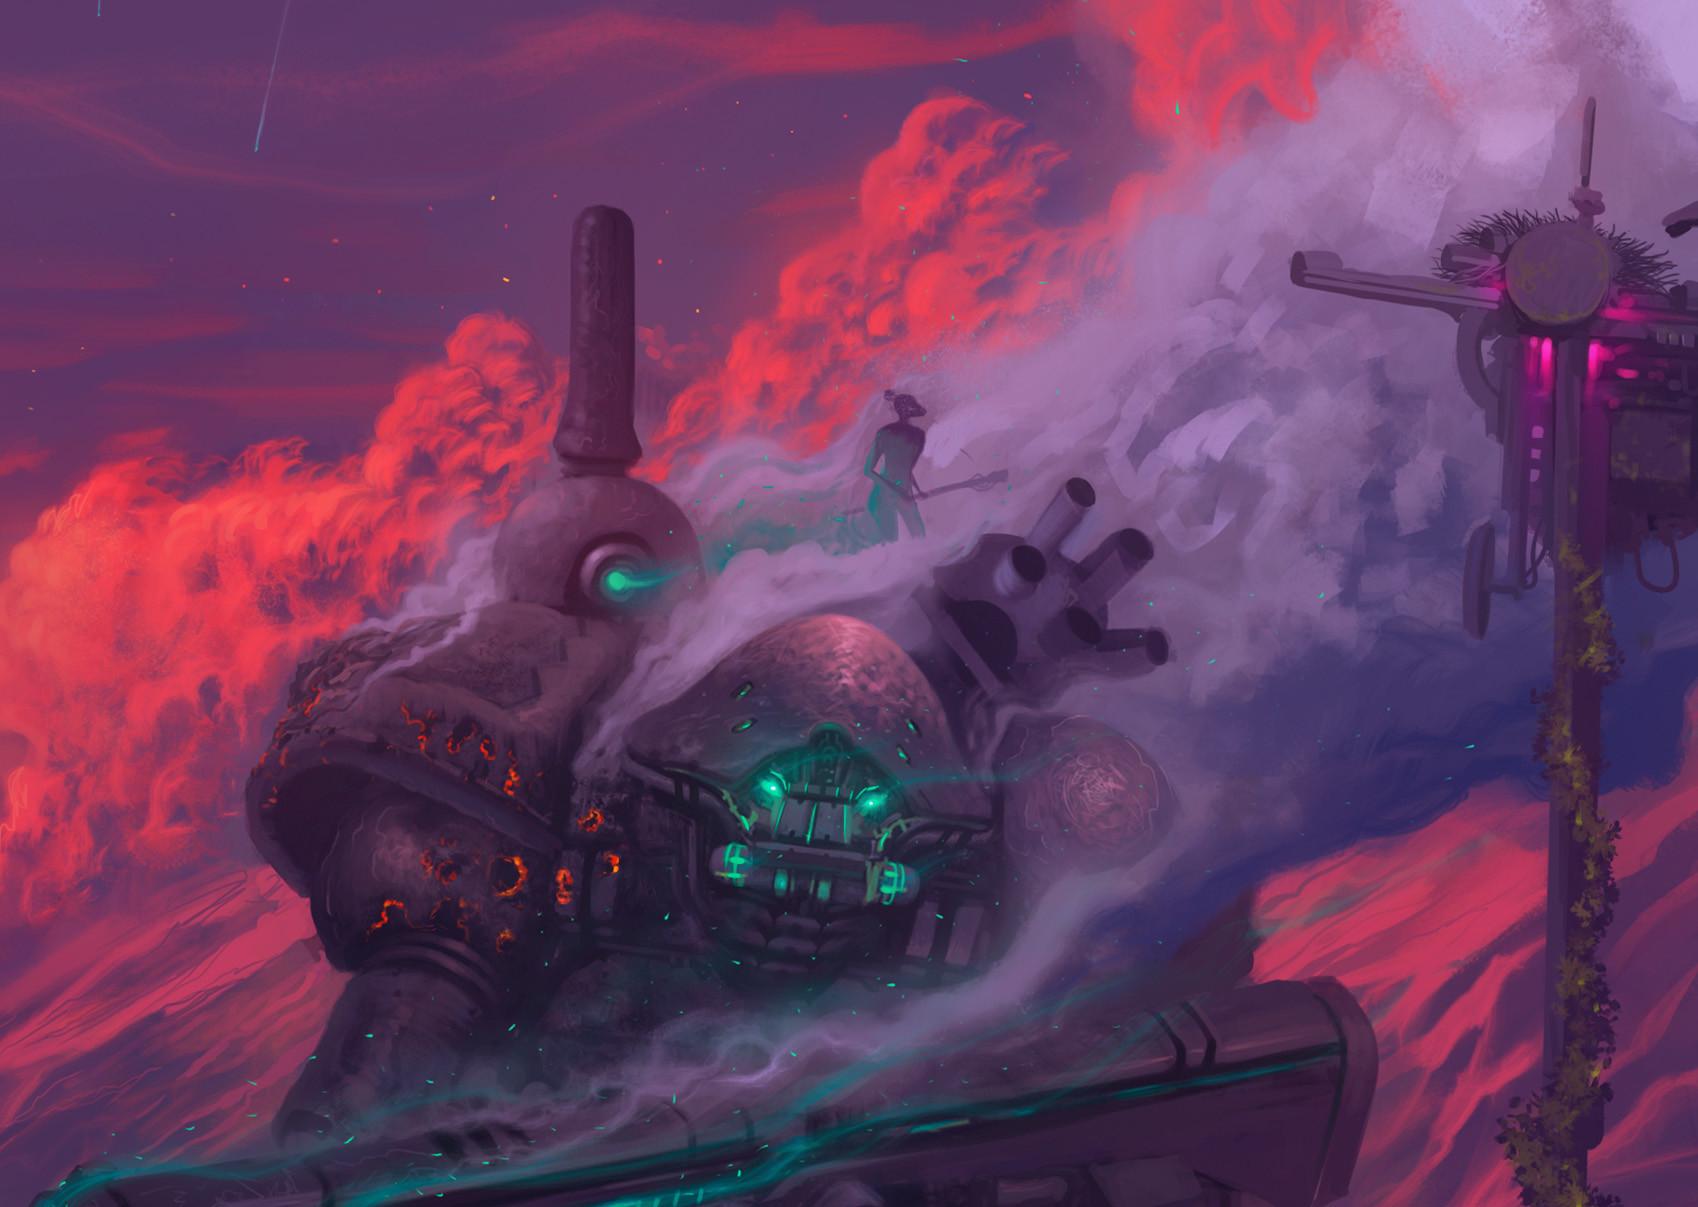 Francisco badilla nubes finales portada horizonta 2